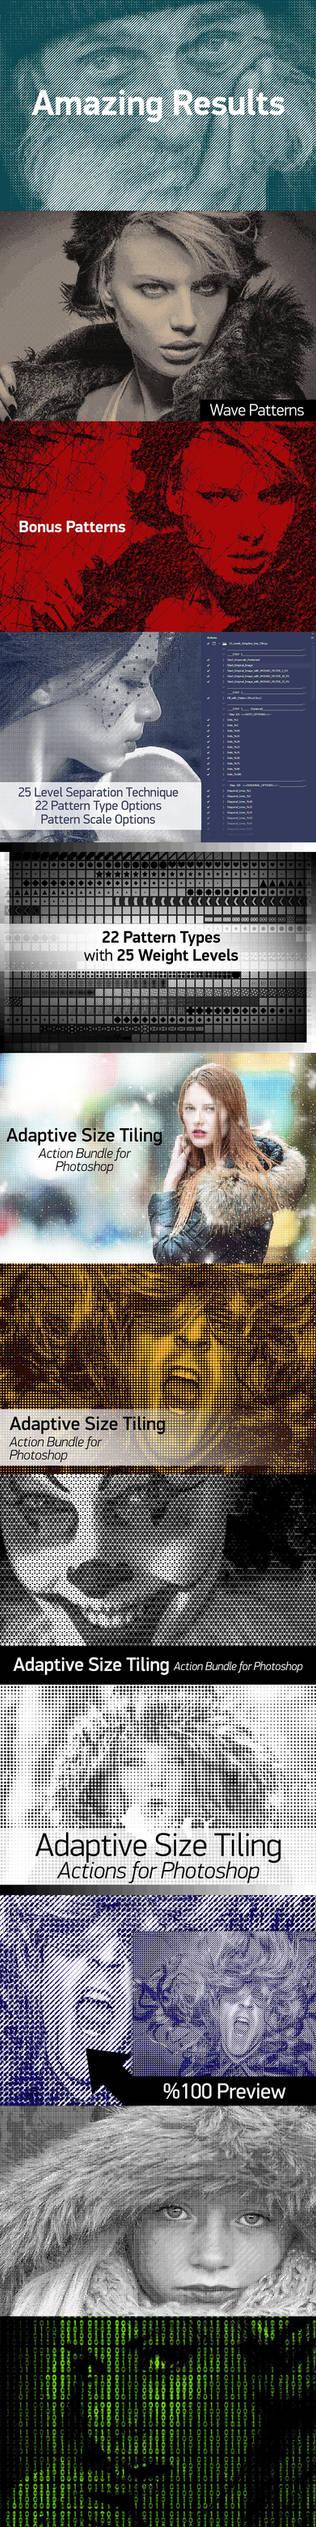 Adaptive Size Tiling - Photoshop Action Bundle